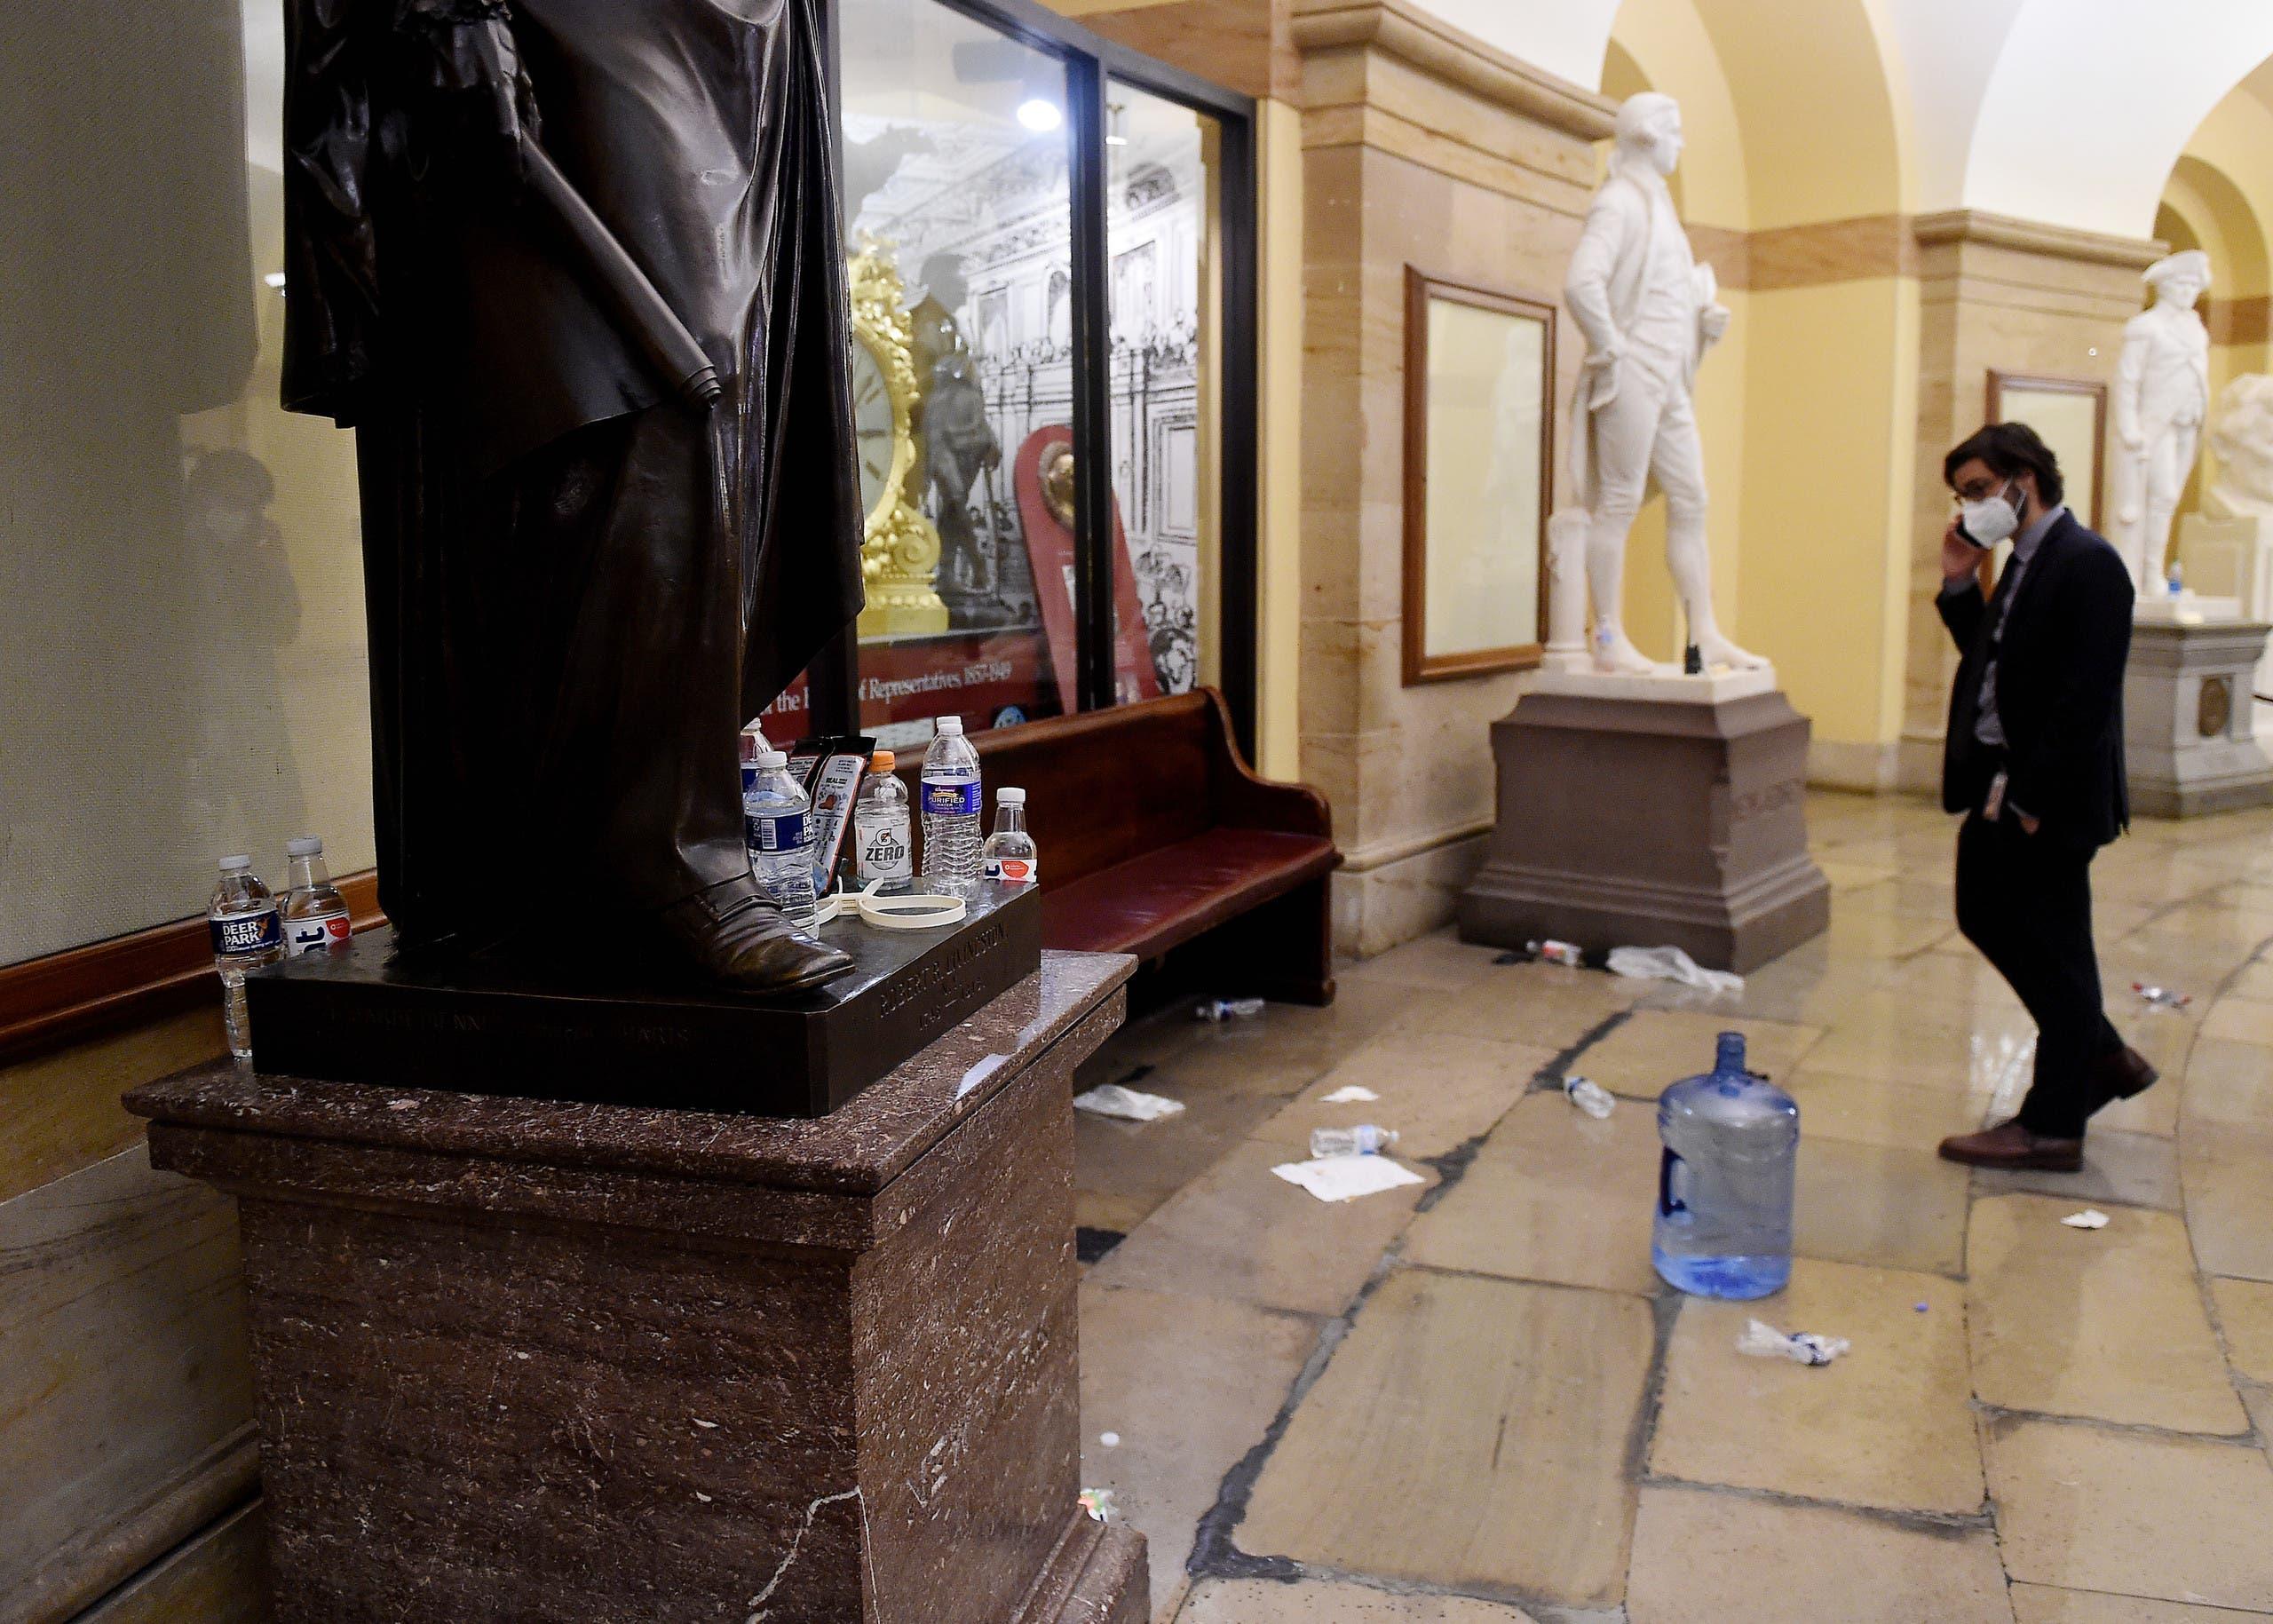 أعمال تكسير في الكونغرس (أرشيفية- فرانس برس)